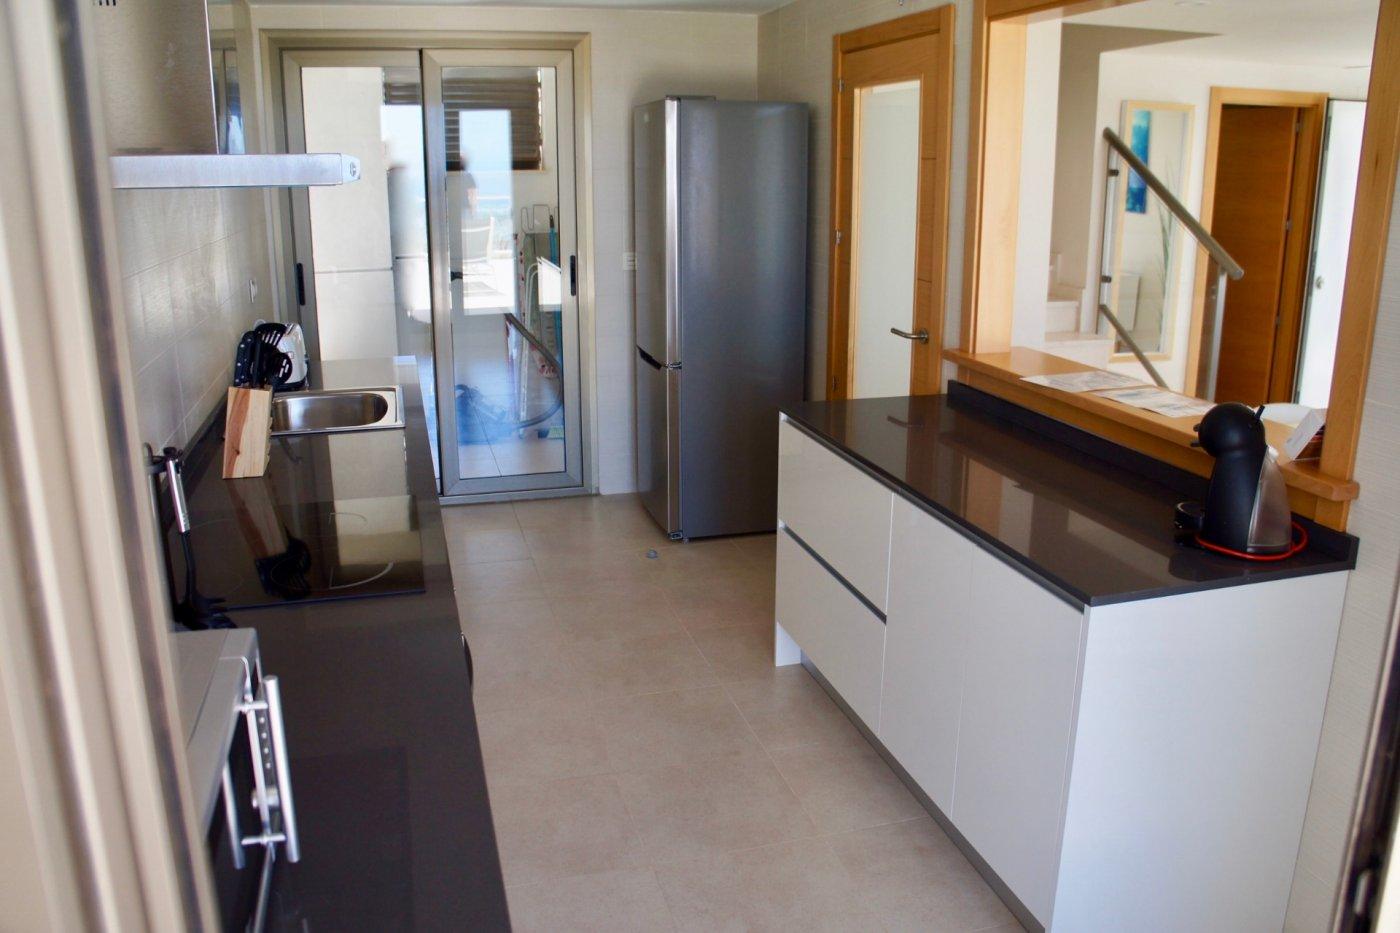 Galleribillede 5 of Sydvendt 3 værelses, 2 bad lejlighed med panorama udsigt og 83 m2 tagterrasse